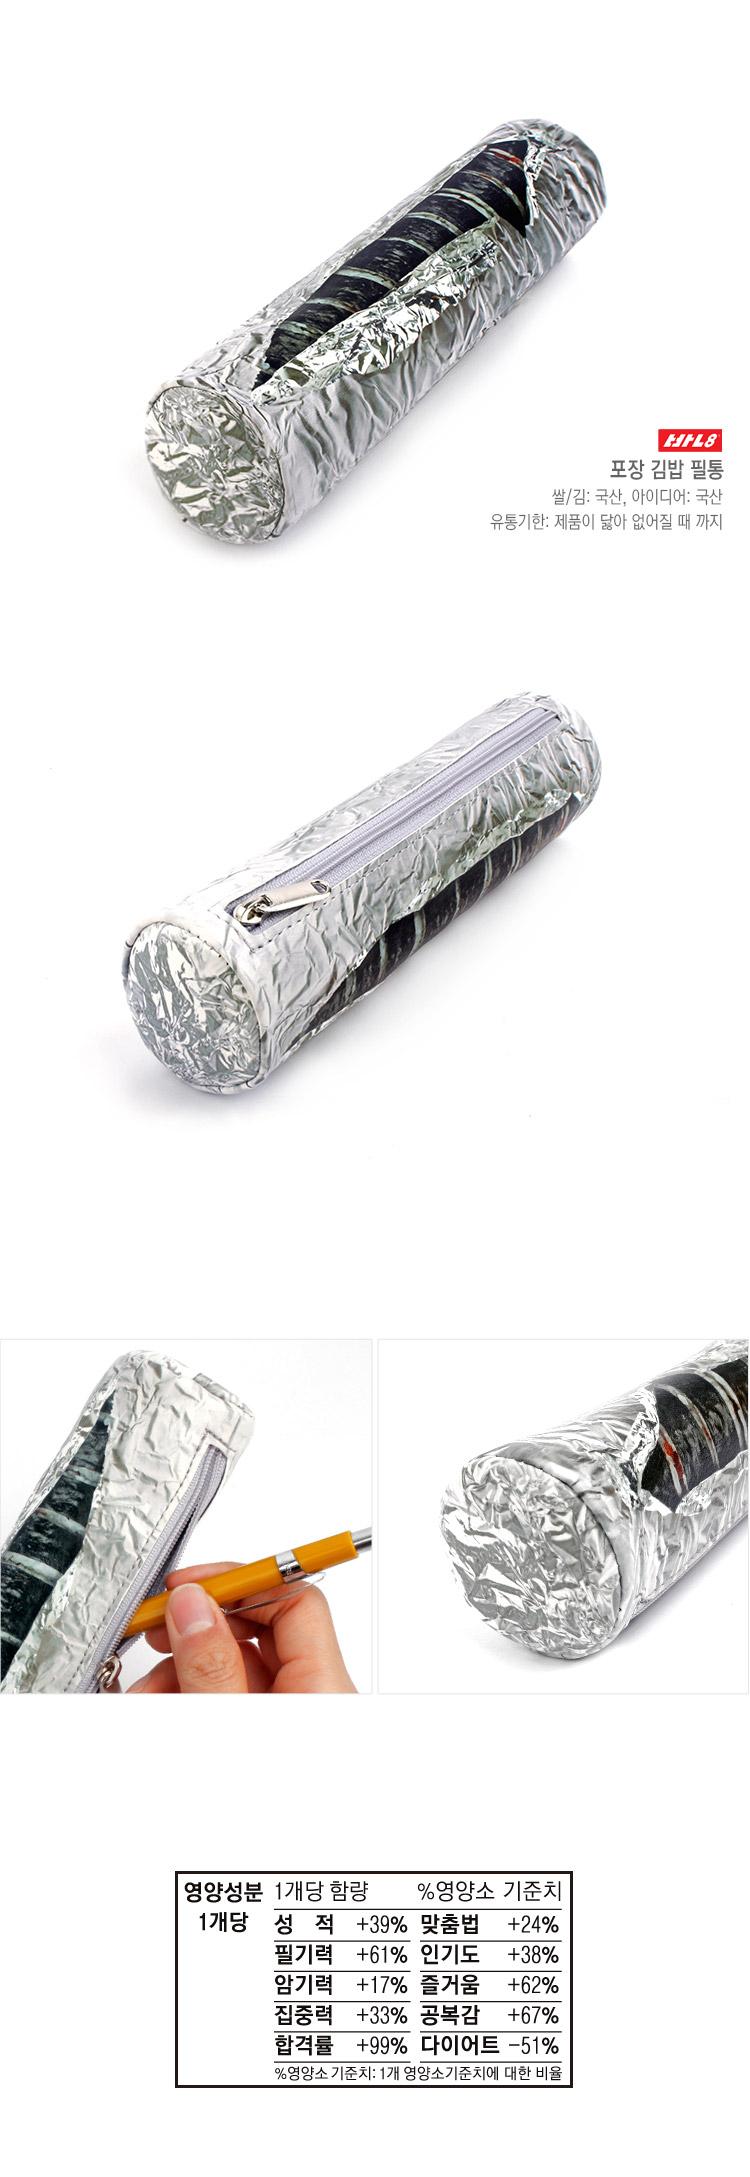 반8 포장 김밥 필통 - 반8, 9,800원, 투명/플라스틱필통, 일러스트